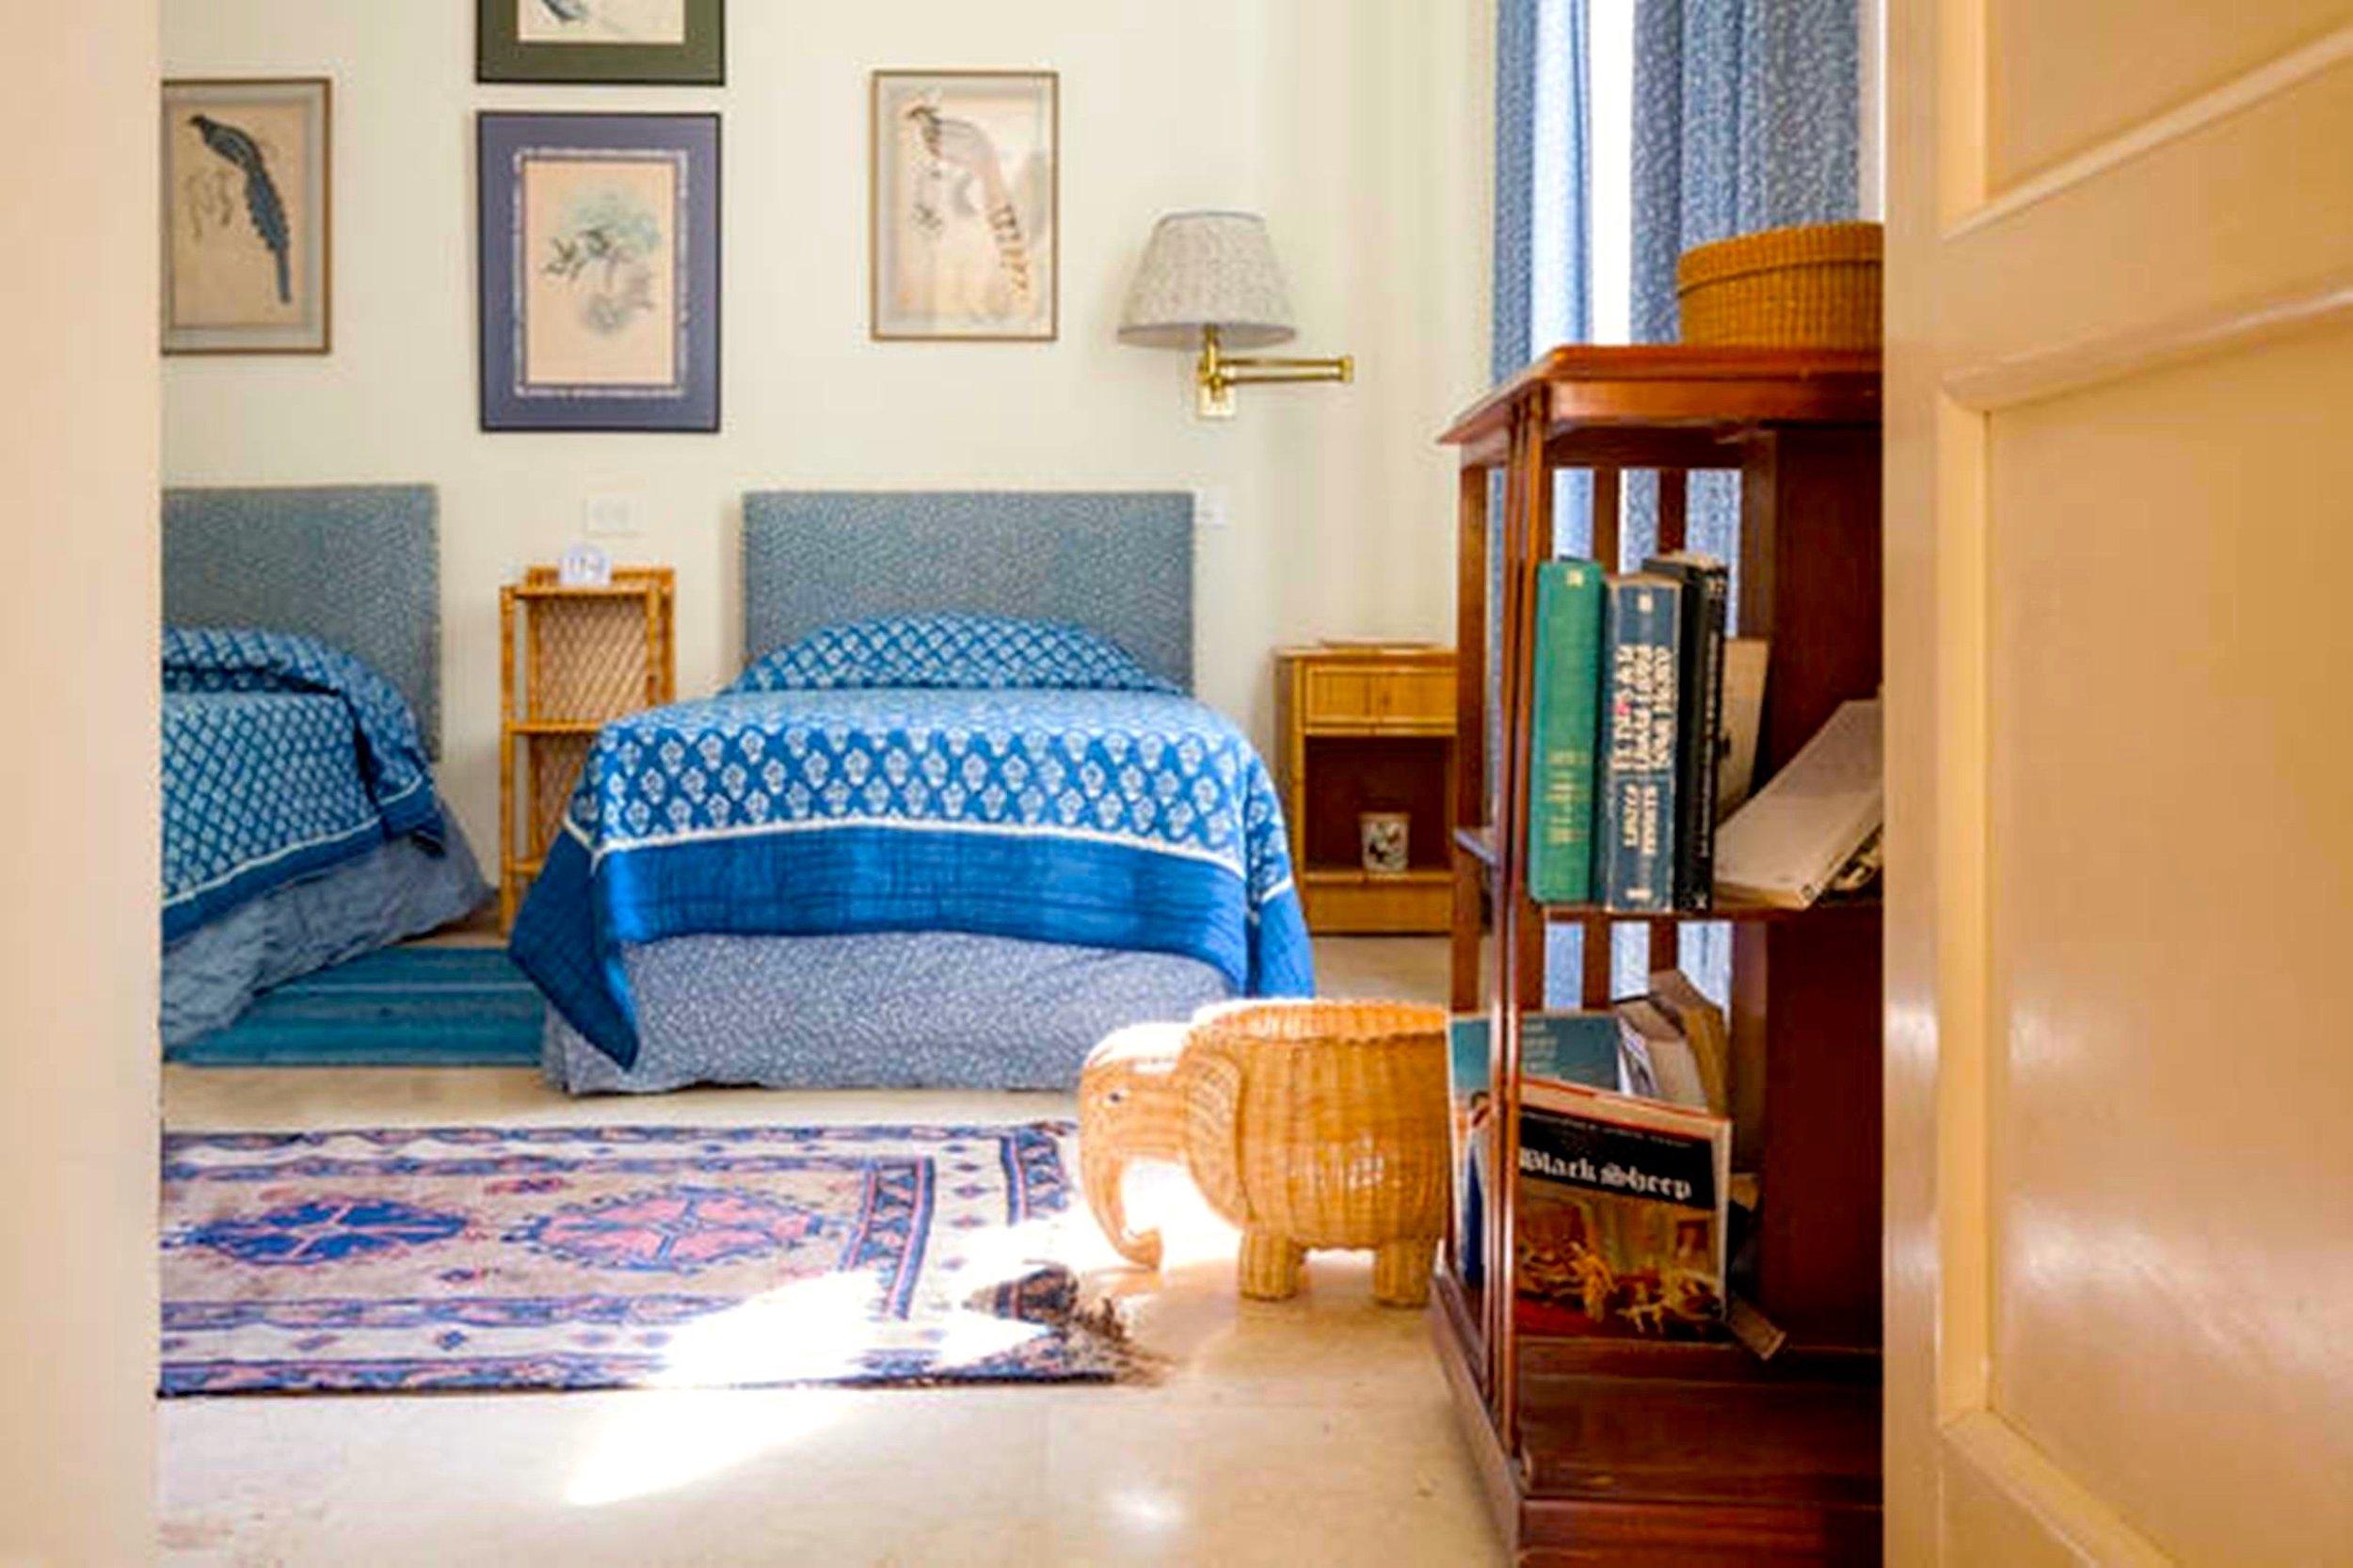 House - Caro's Room rectangle.jpg